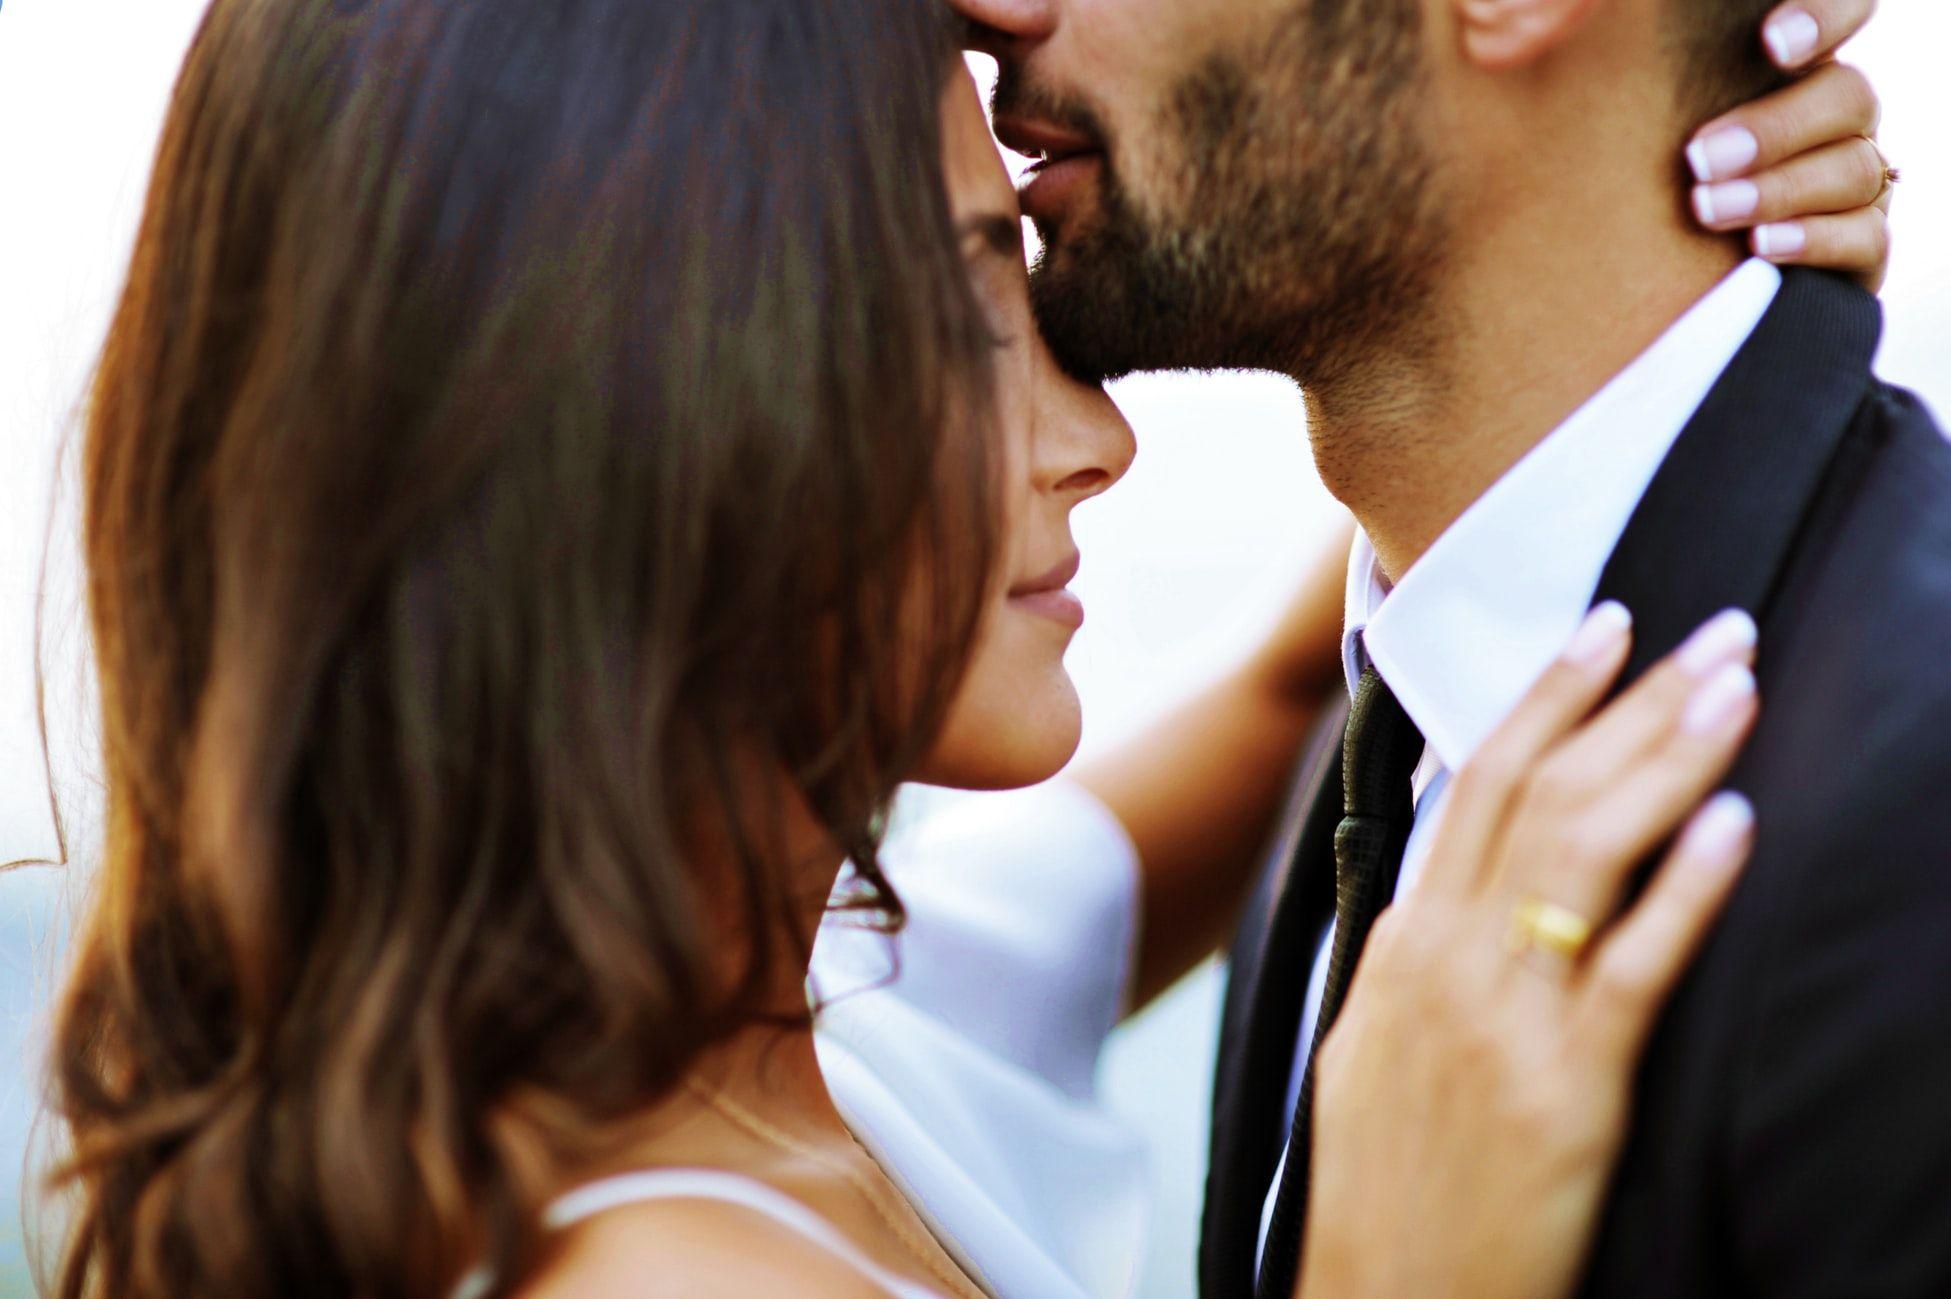 Dragostea este cel mai bun leac, care vindecă orice boală! Ce se întâmplă în corpul nostru când iubim este uimitor